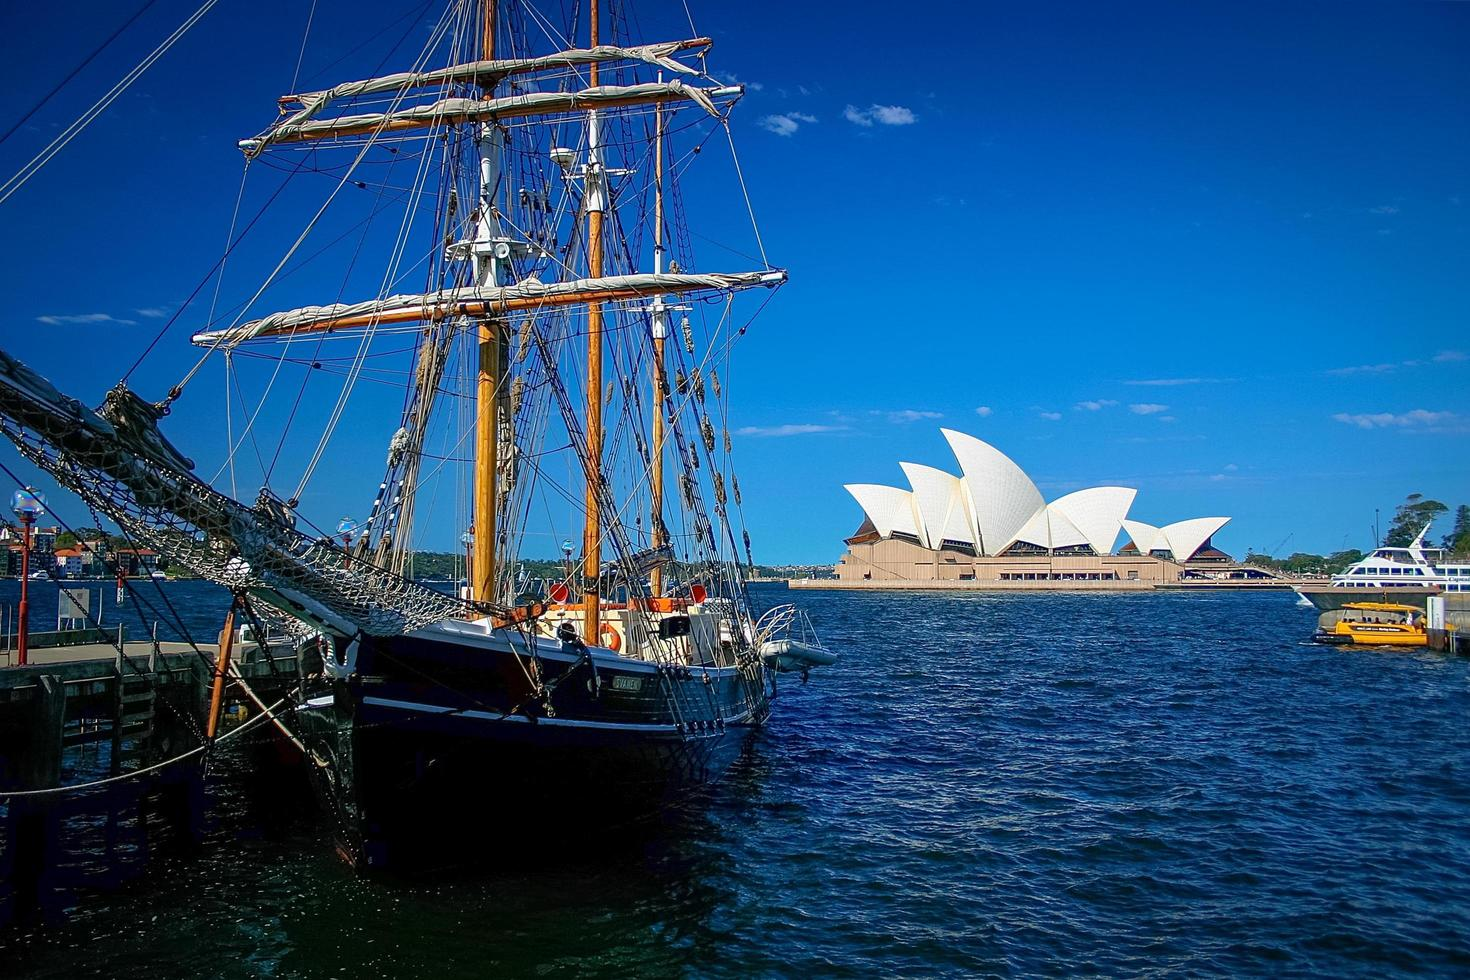 Sydney, Australie, 2020 - voilier près de l'opéra de Sydney photo